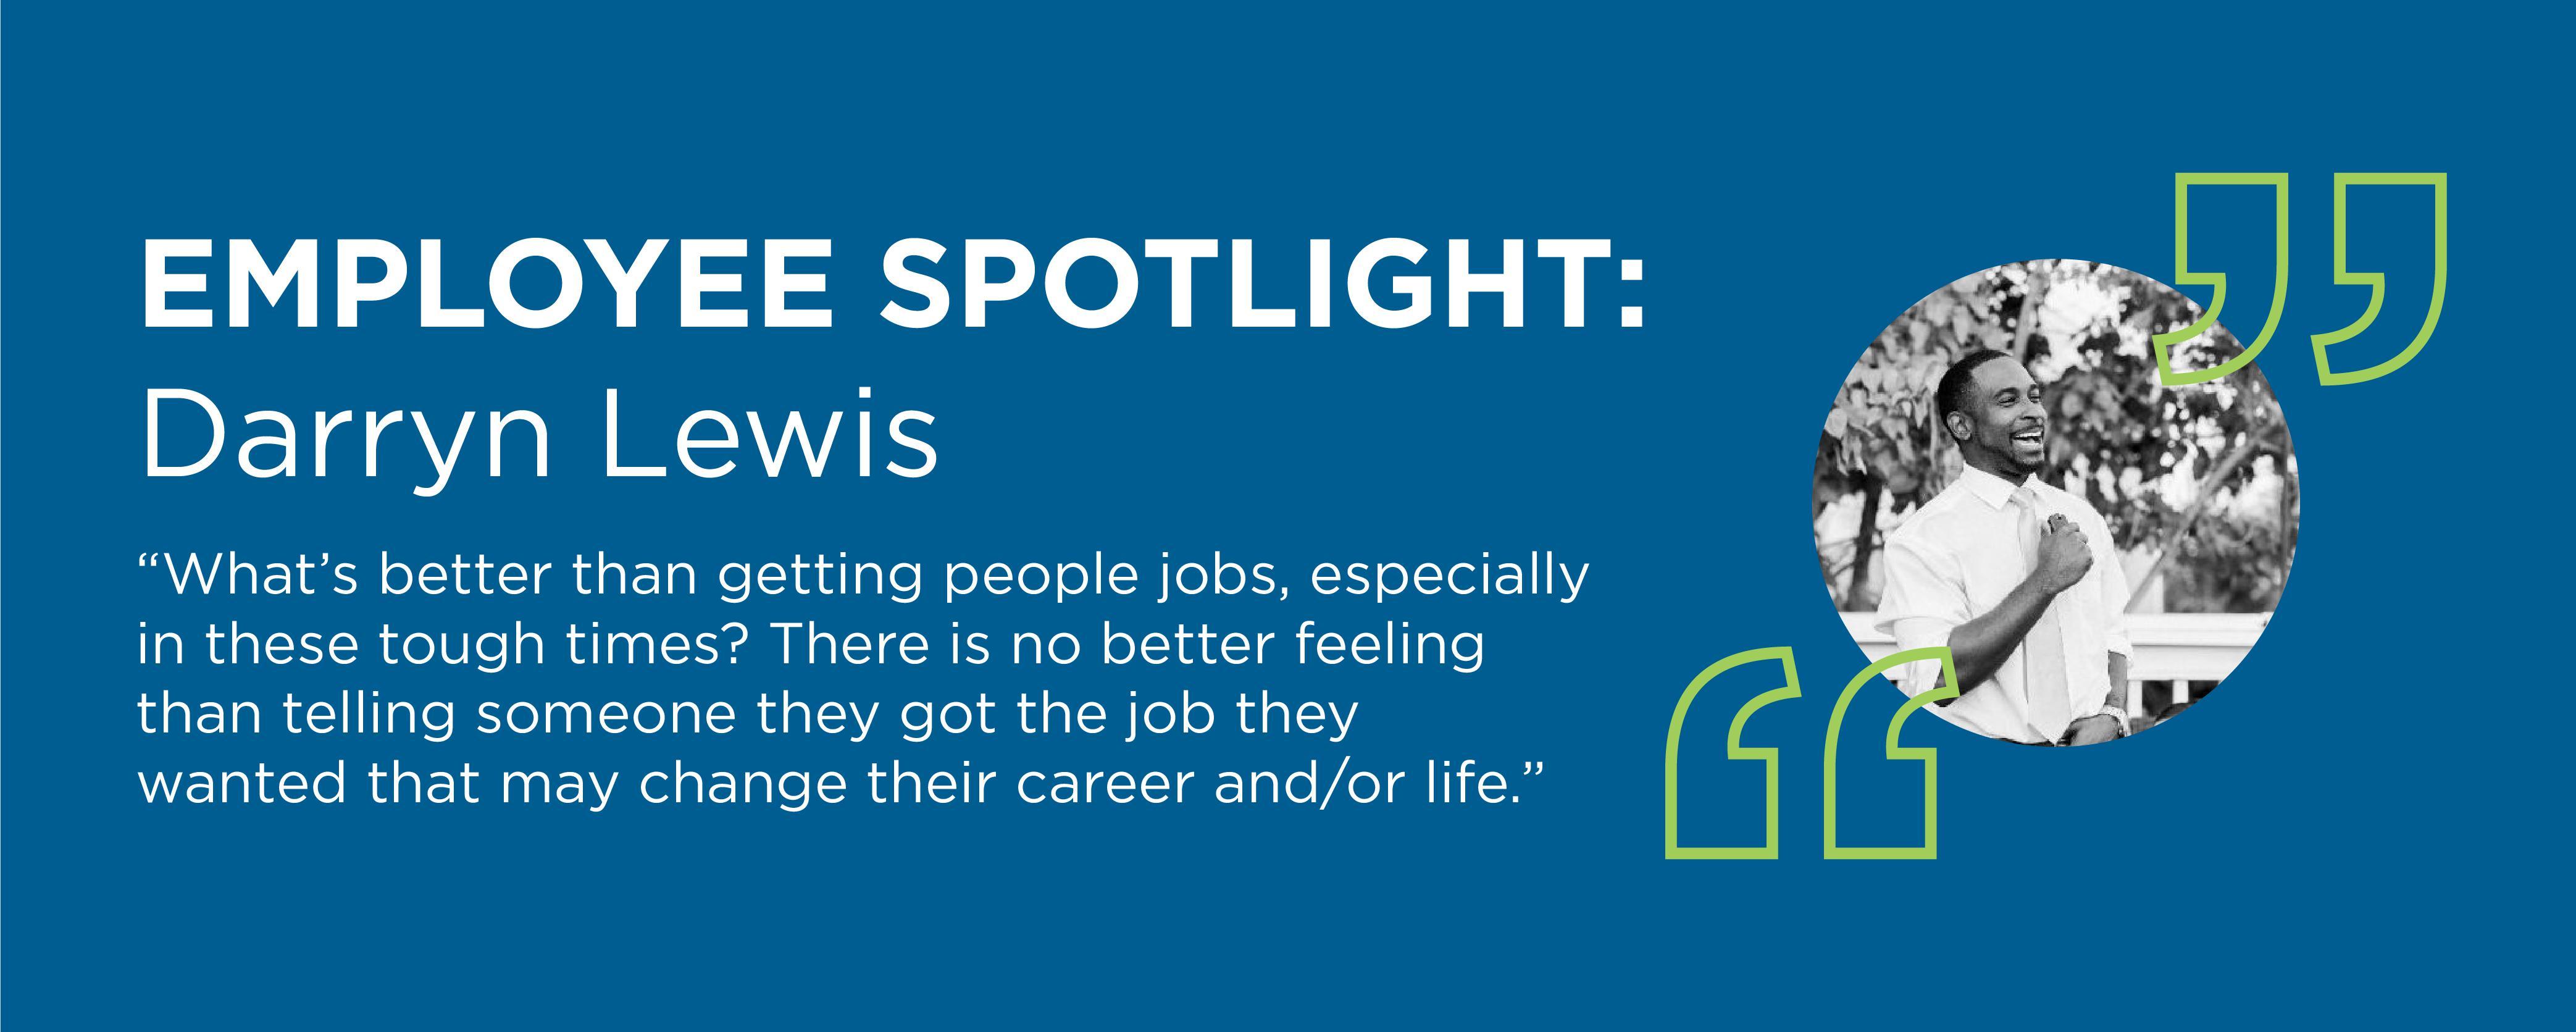 Employee Spotlight: Darryn Lewis